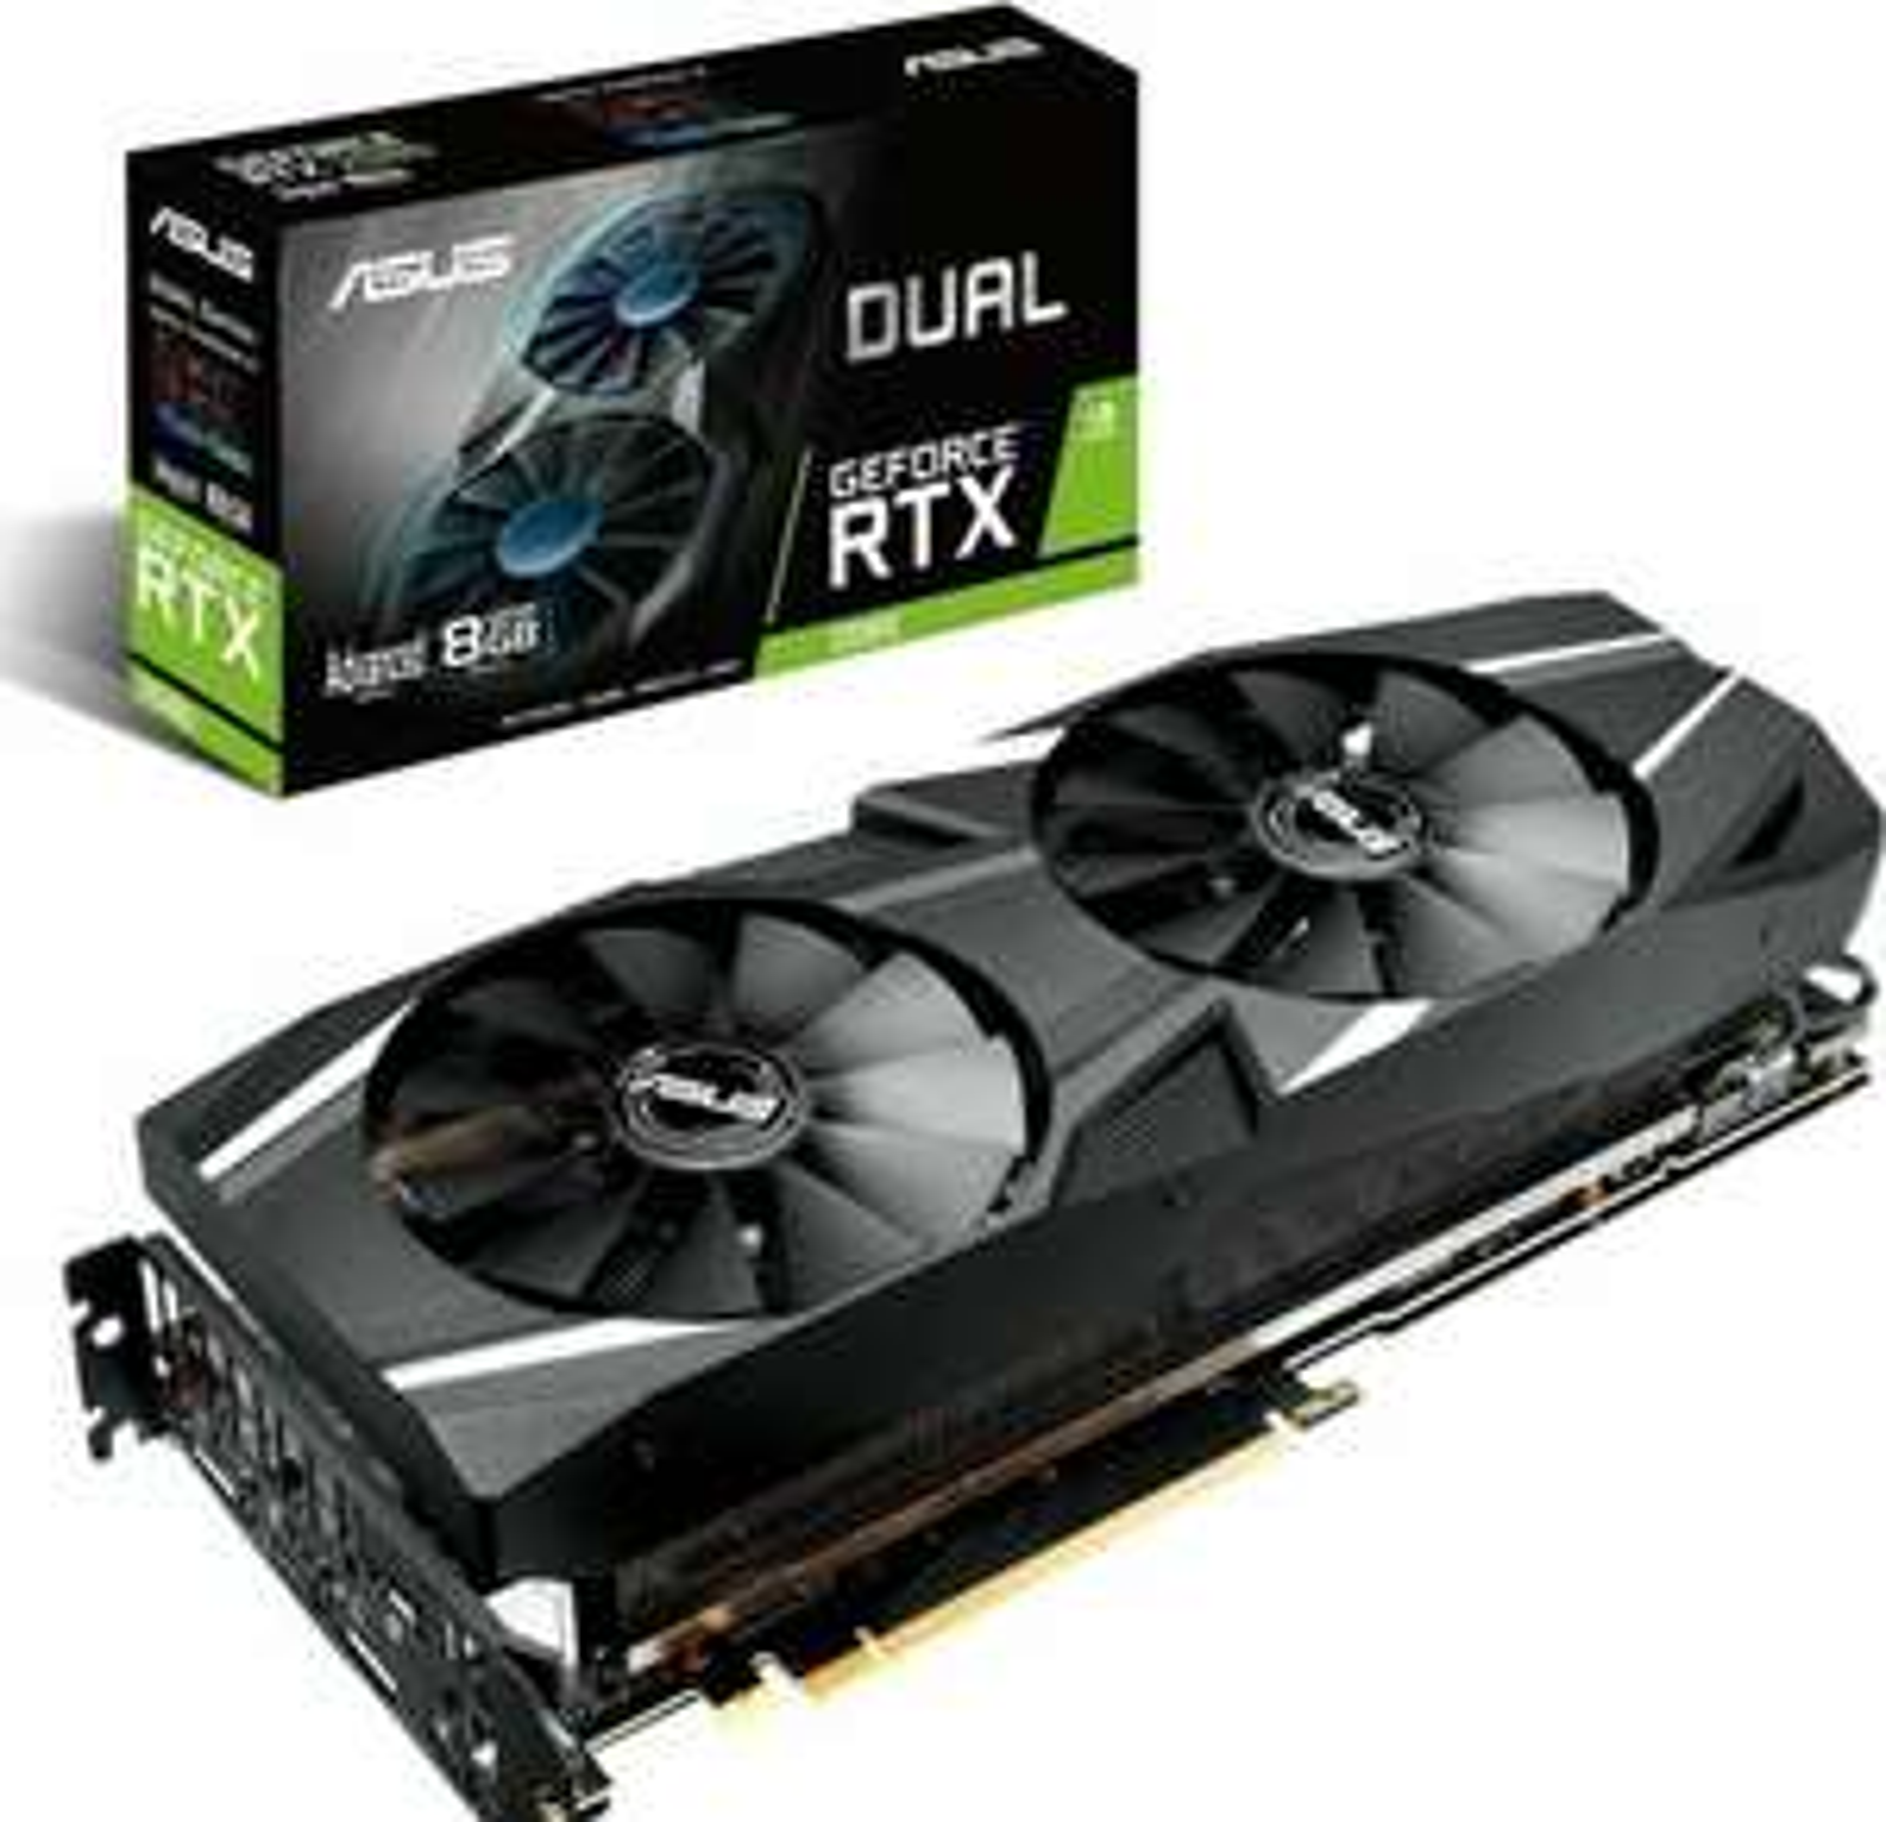 ASUS RTX 2080 DUAL Advanced 8GB (90YV0C32-M0NM00) a-chip